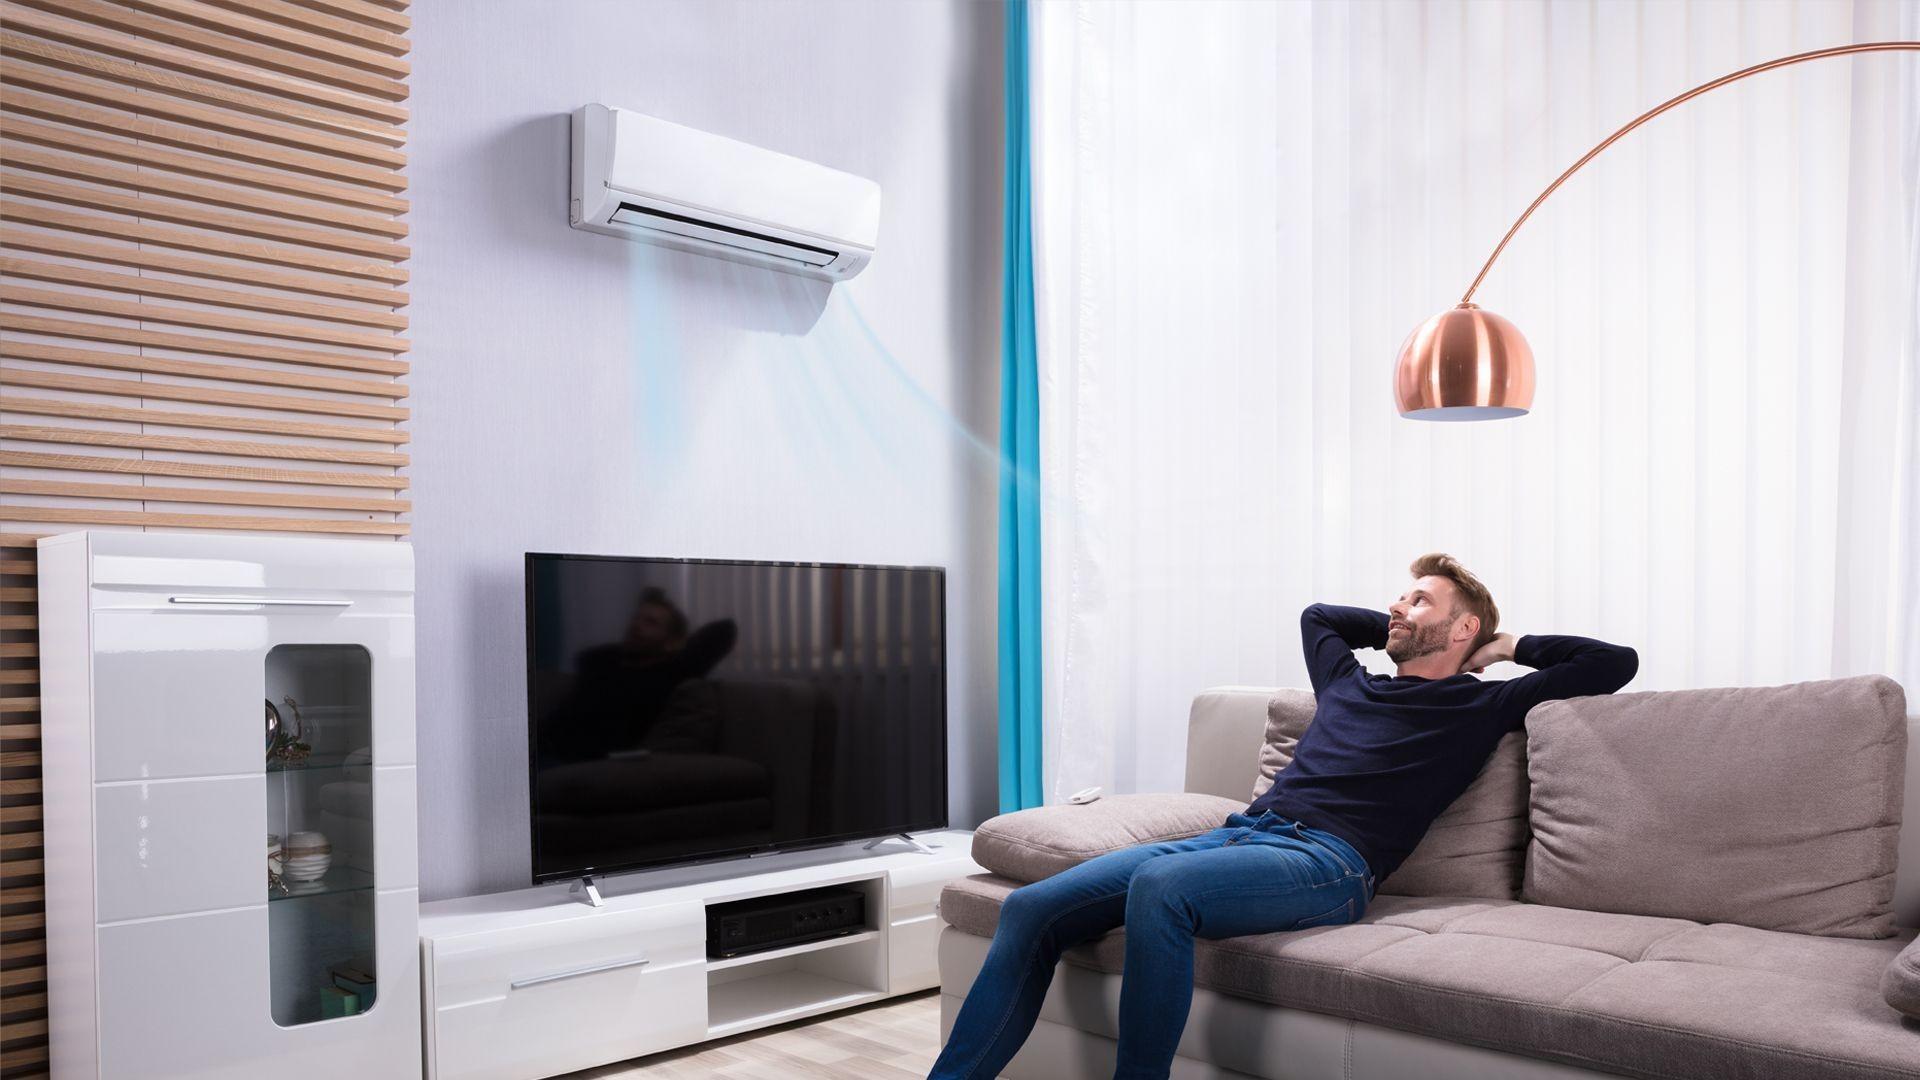 Instalación y reparación de aire acondicionado en Barcelona